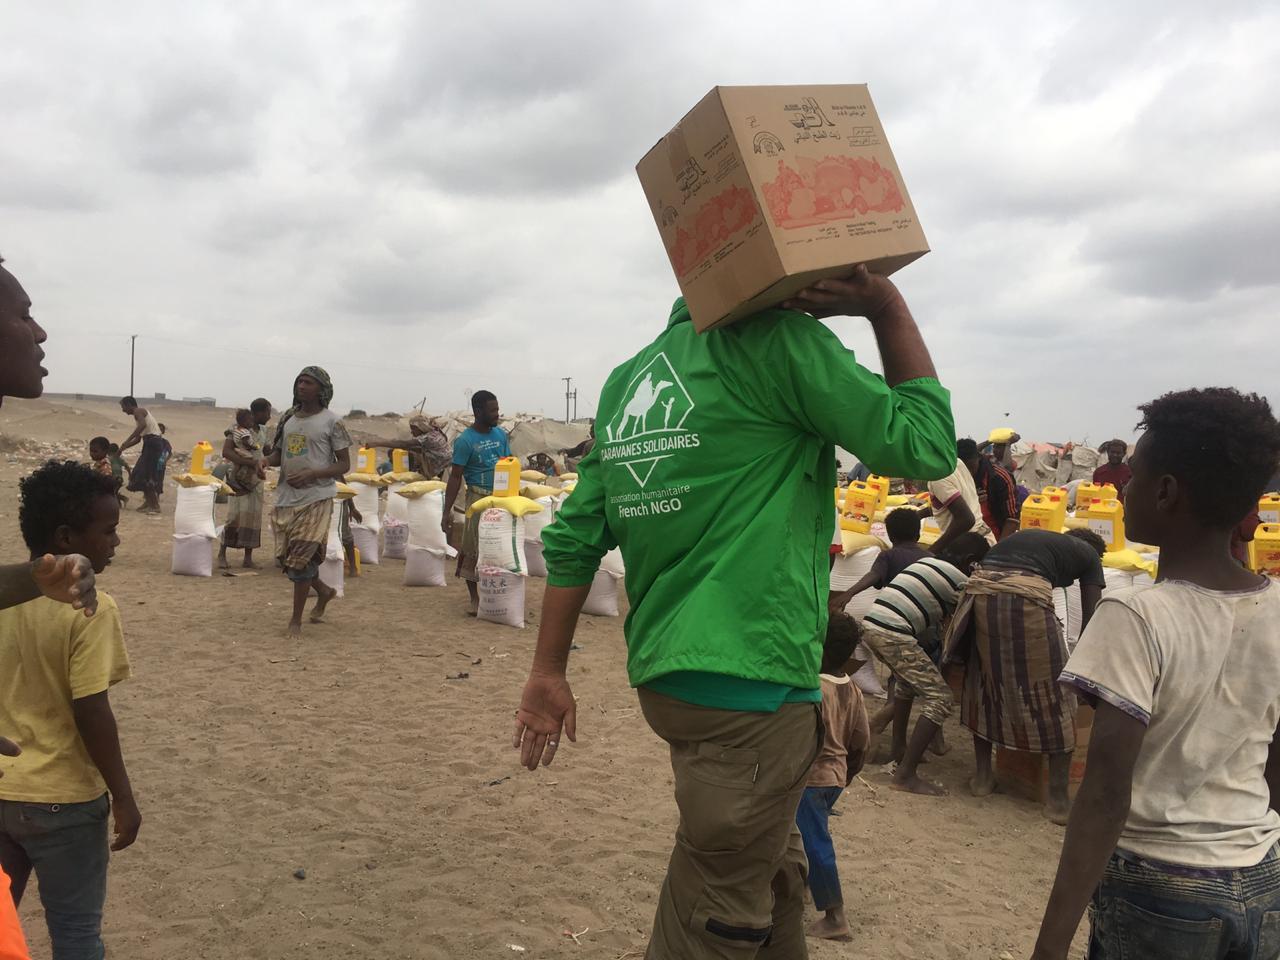 Bénévoles de Caravanes Solidaires distribuant un colis alimentaire au Yémen